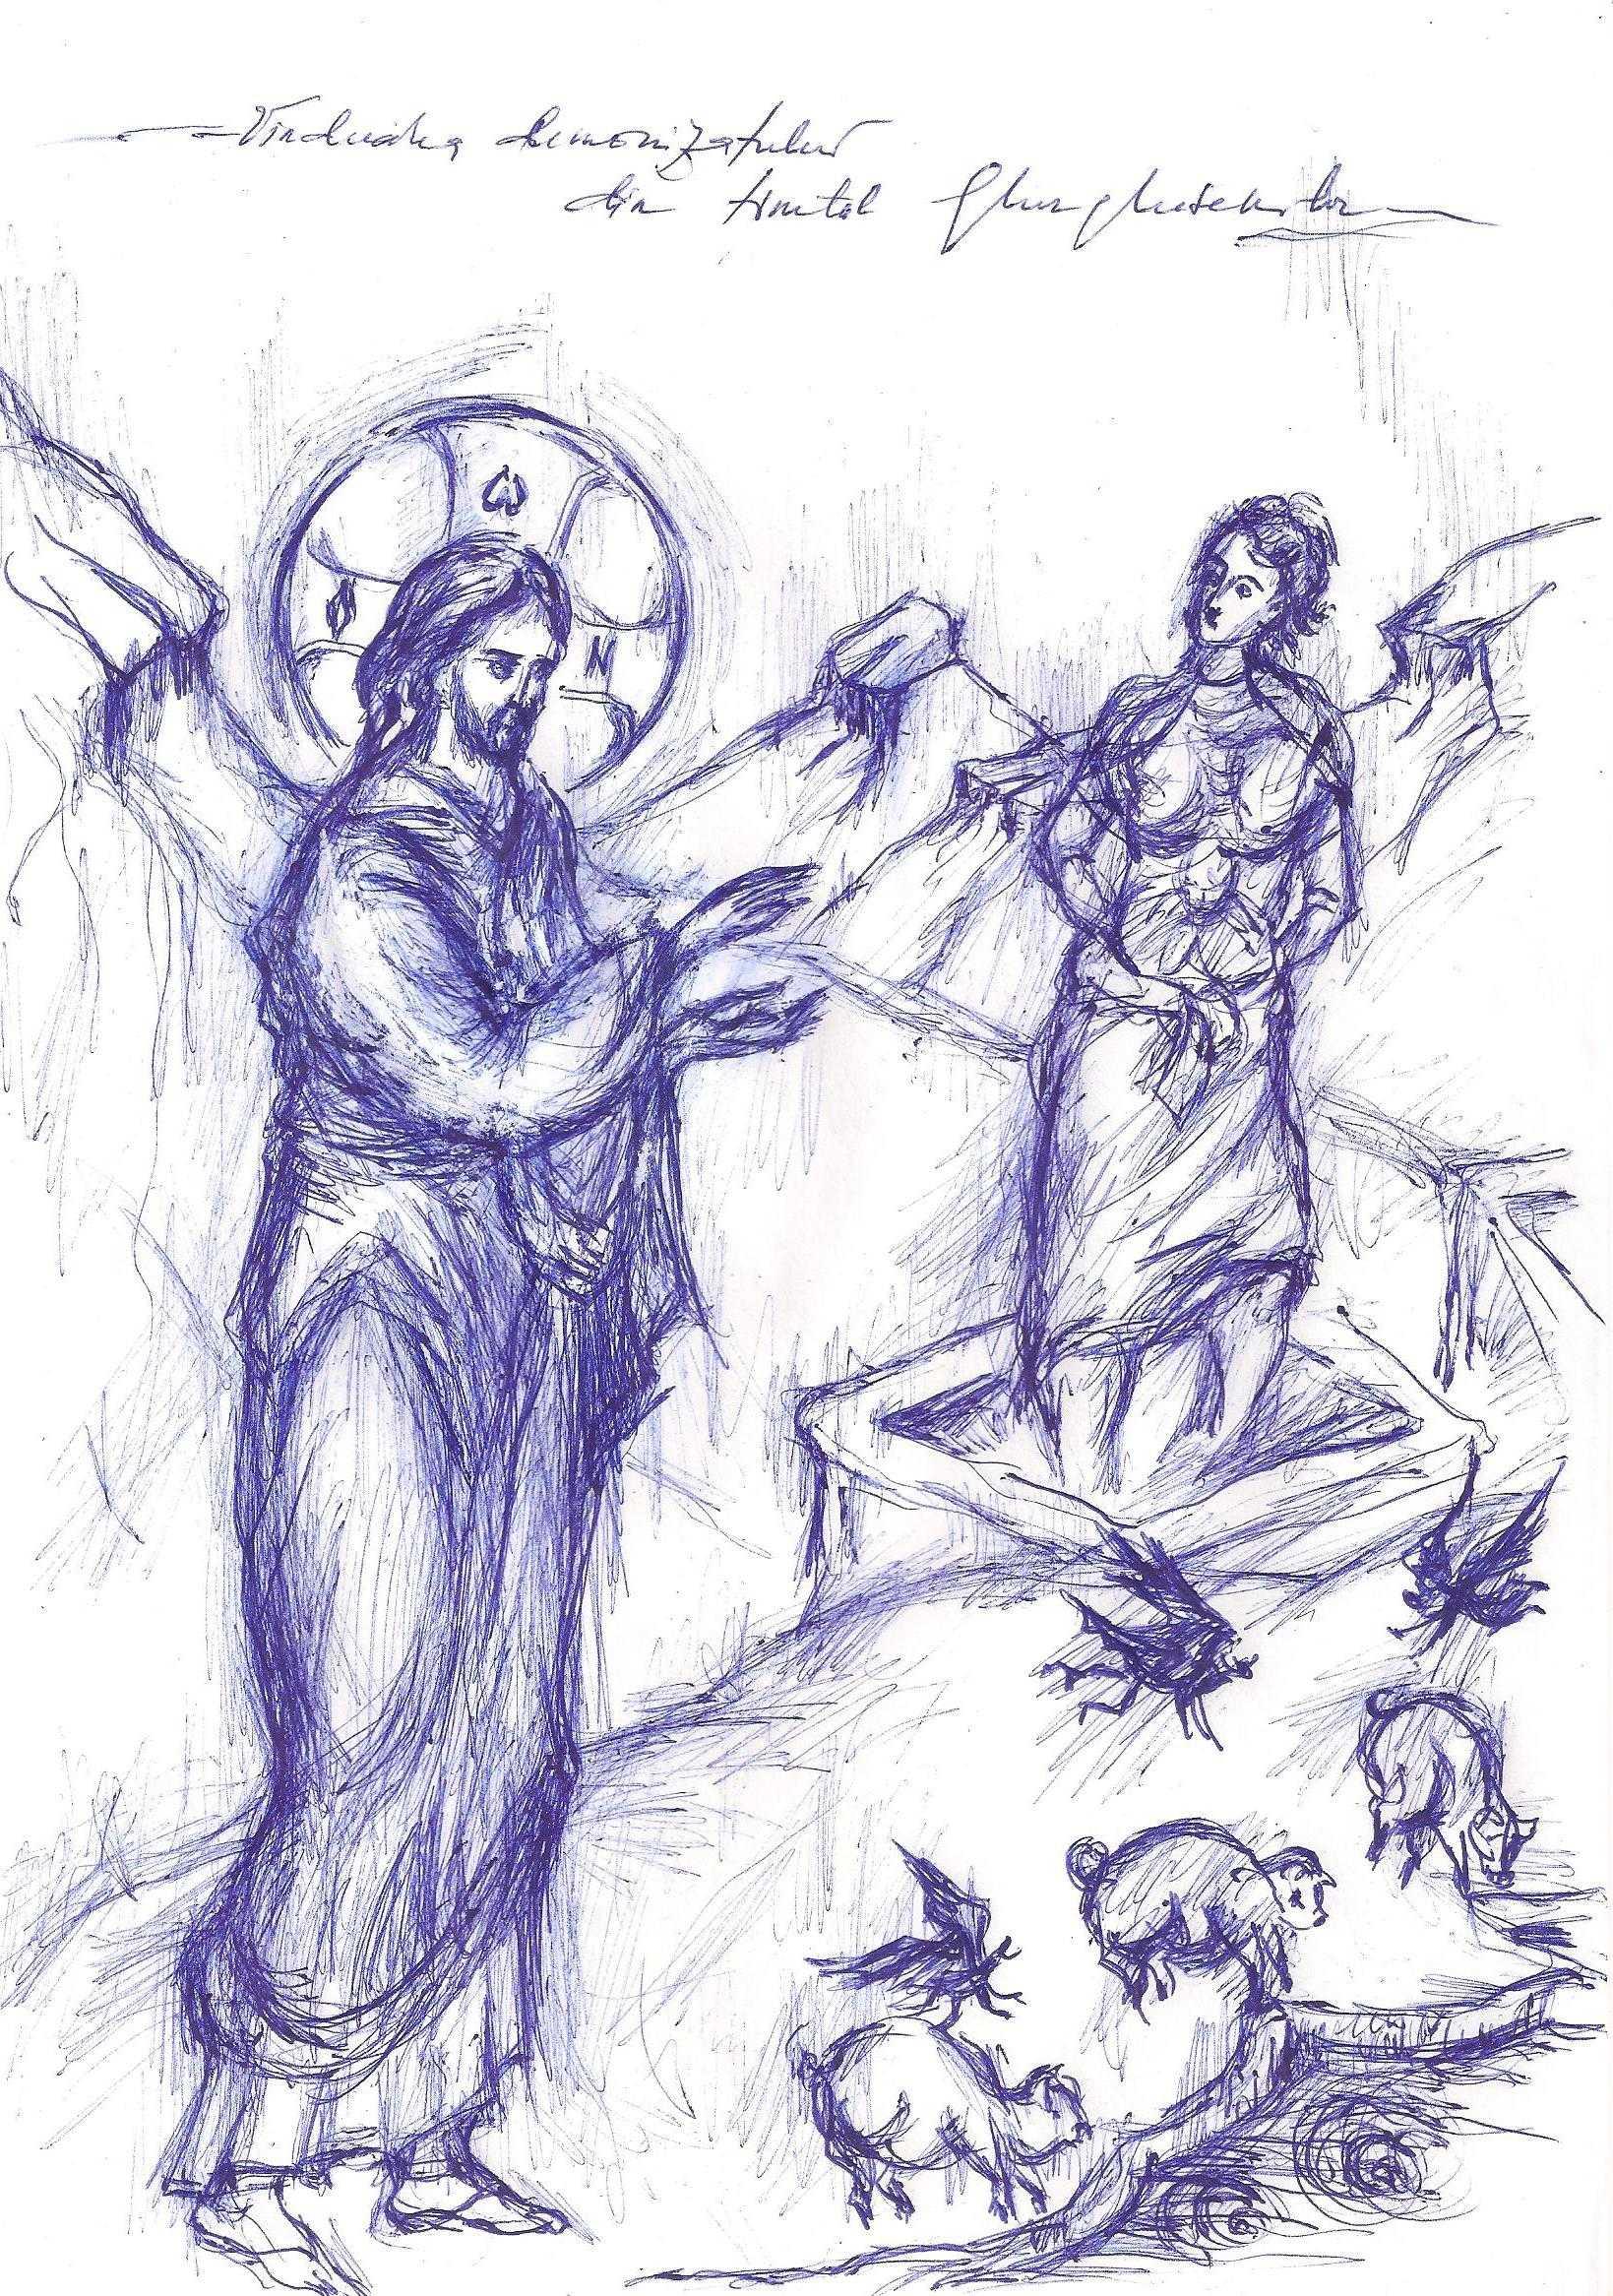 <i>&#8220;Ce ar trebui să facă o persoană care a reuşit să învingă un obicei păcătos?&#8221;</i> CUM SE POATE INTOARCE DUHUL NECURAT IN OM, IMPREUNA CU ALTE SAPTE DUHURI MAI RELE?